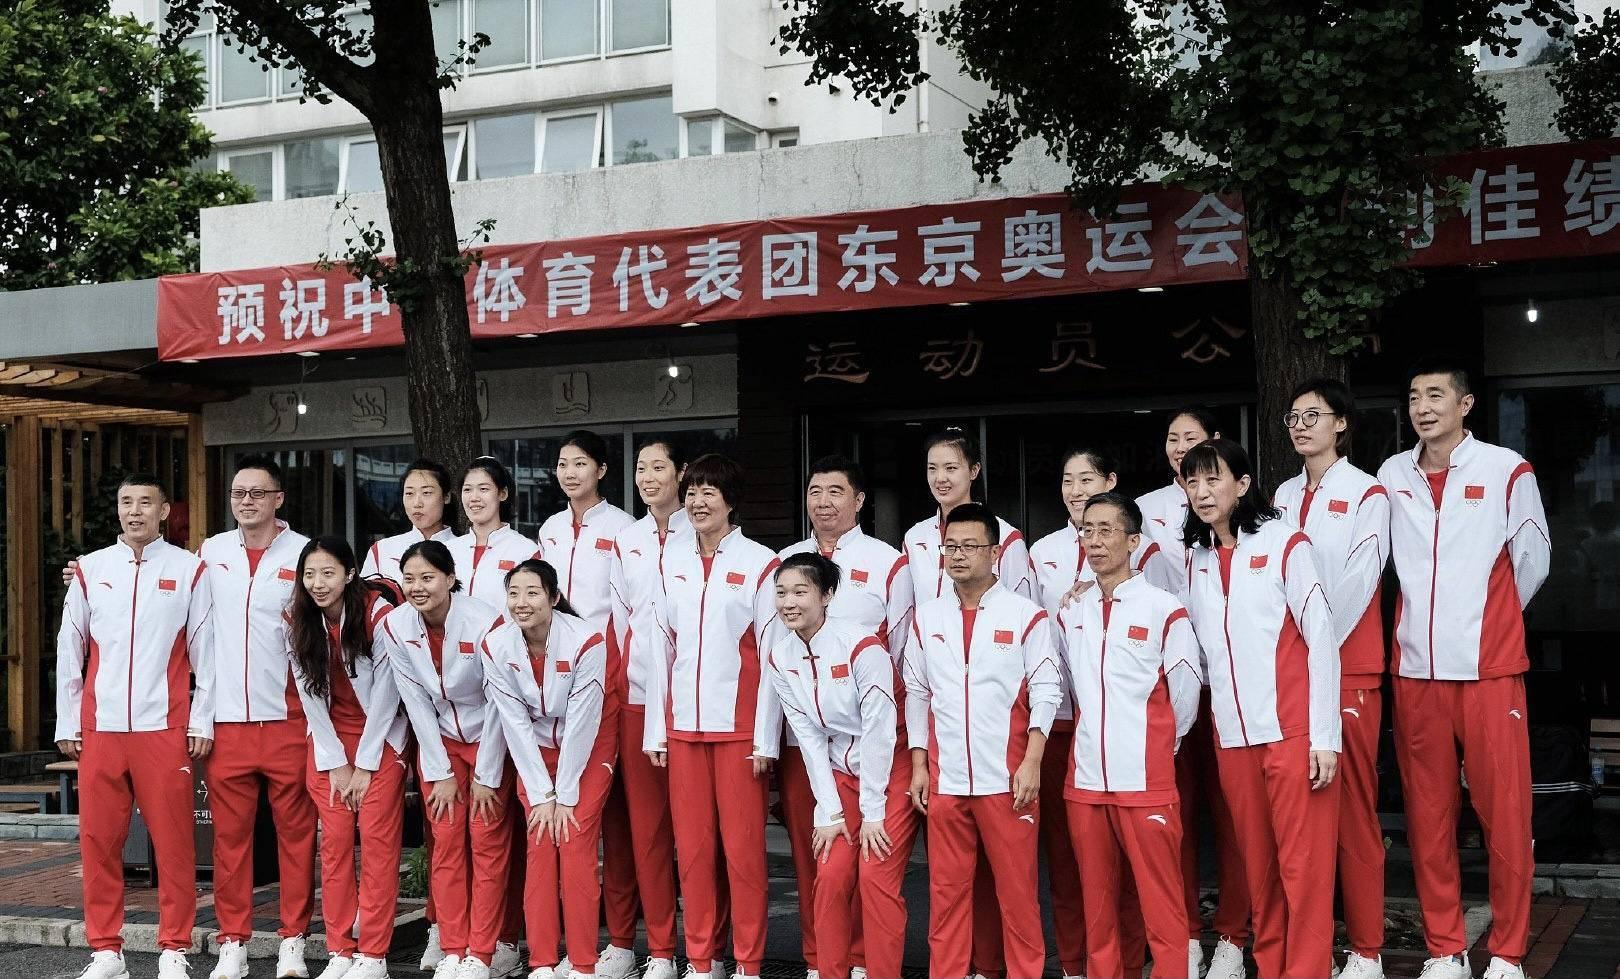 中国女排出征,郎平领衔多人换发型成焦点,目标:升国旗奏国歌